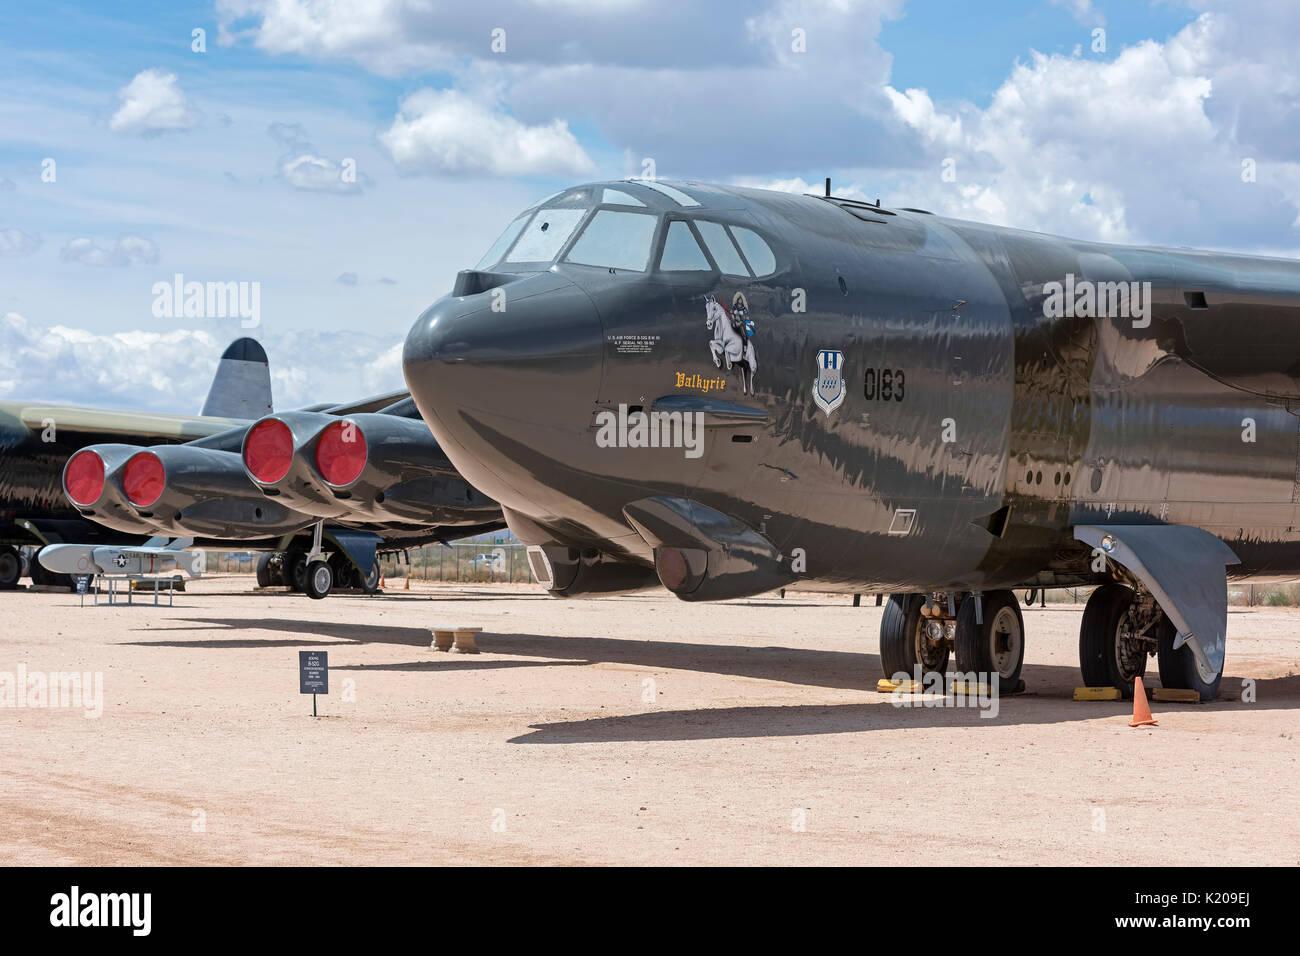 Boeing B-52G Stratofortress Bombardier, huit lourds à longue portée de l'arme nucléaire, de bombardiers transporteur, 1959-1994 Banque D'Images